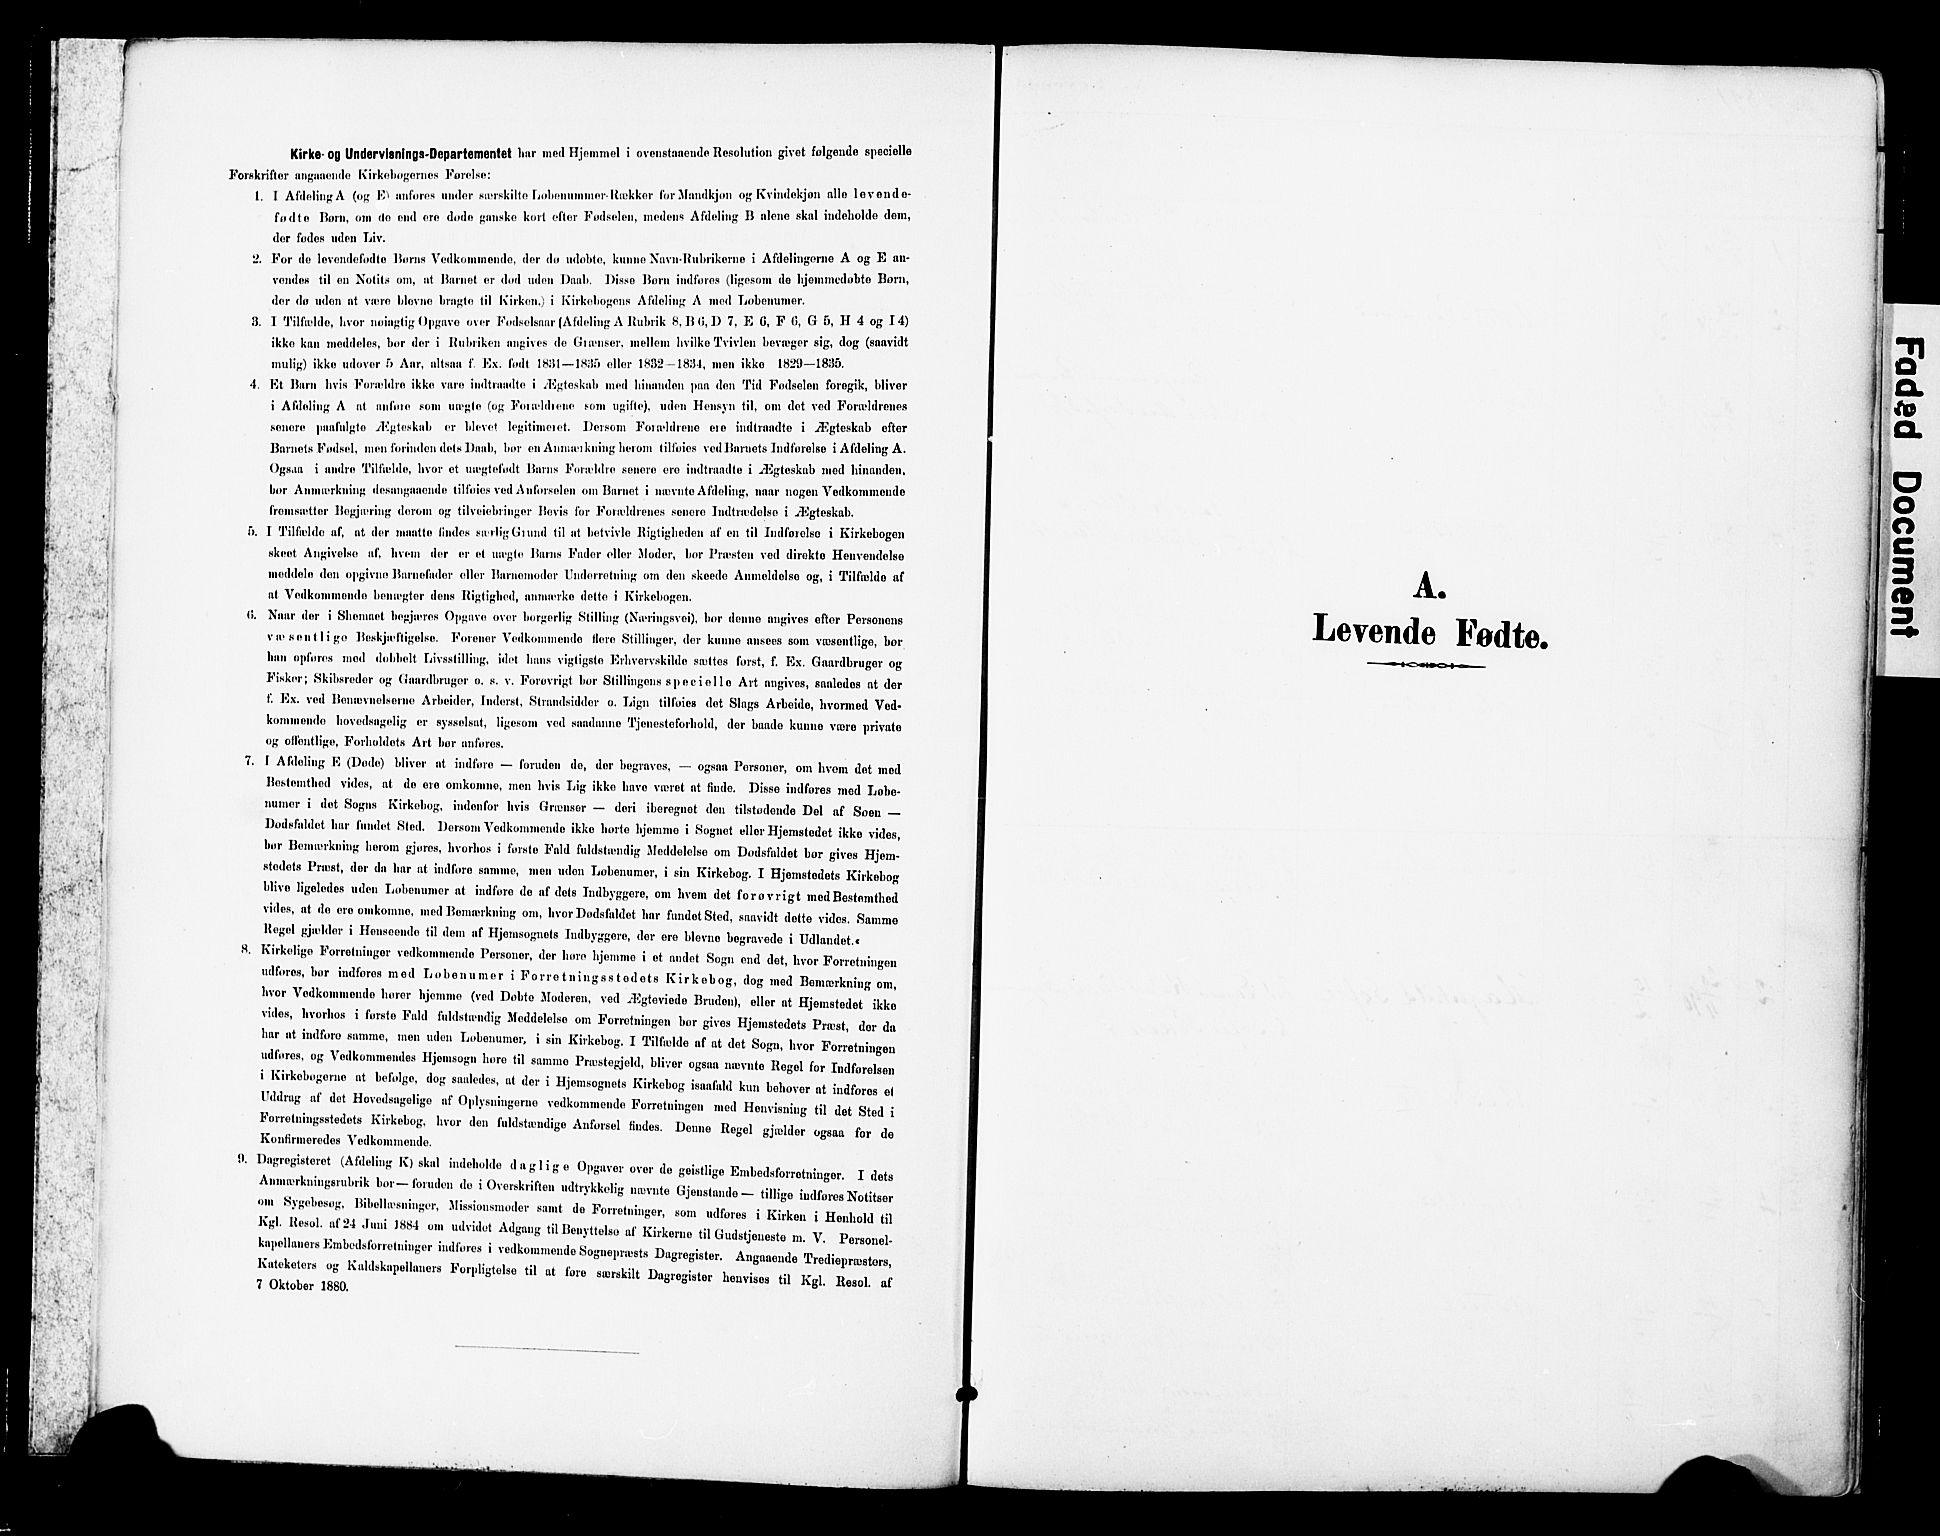 SAT, Ministerialprotokoller, klokkerbøker og fødselsregistre - Nord-Trøndelag, 742/L0409: Ministerialbok nr. 742A02, 1891-1905